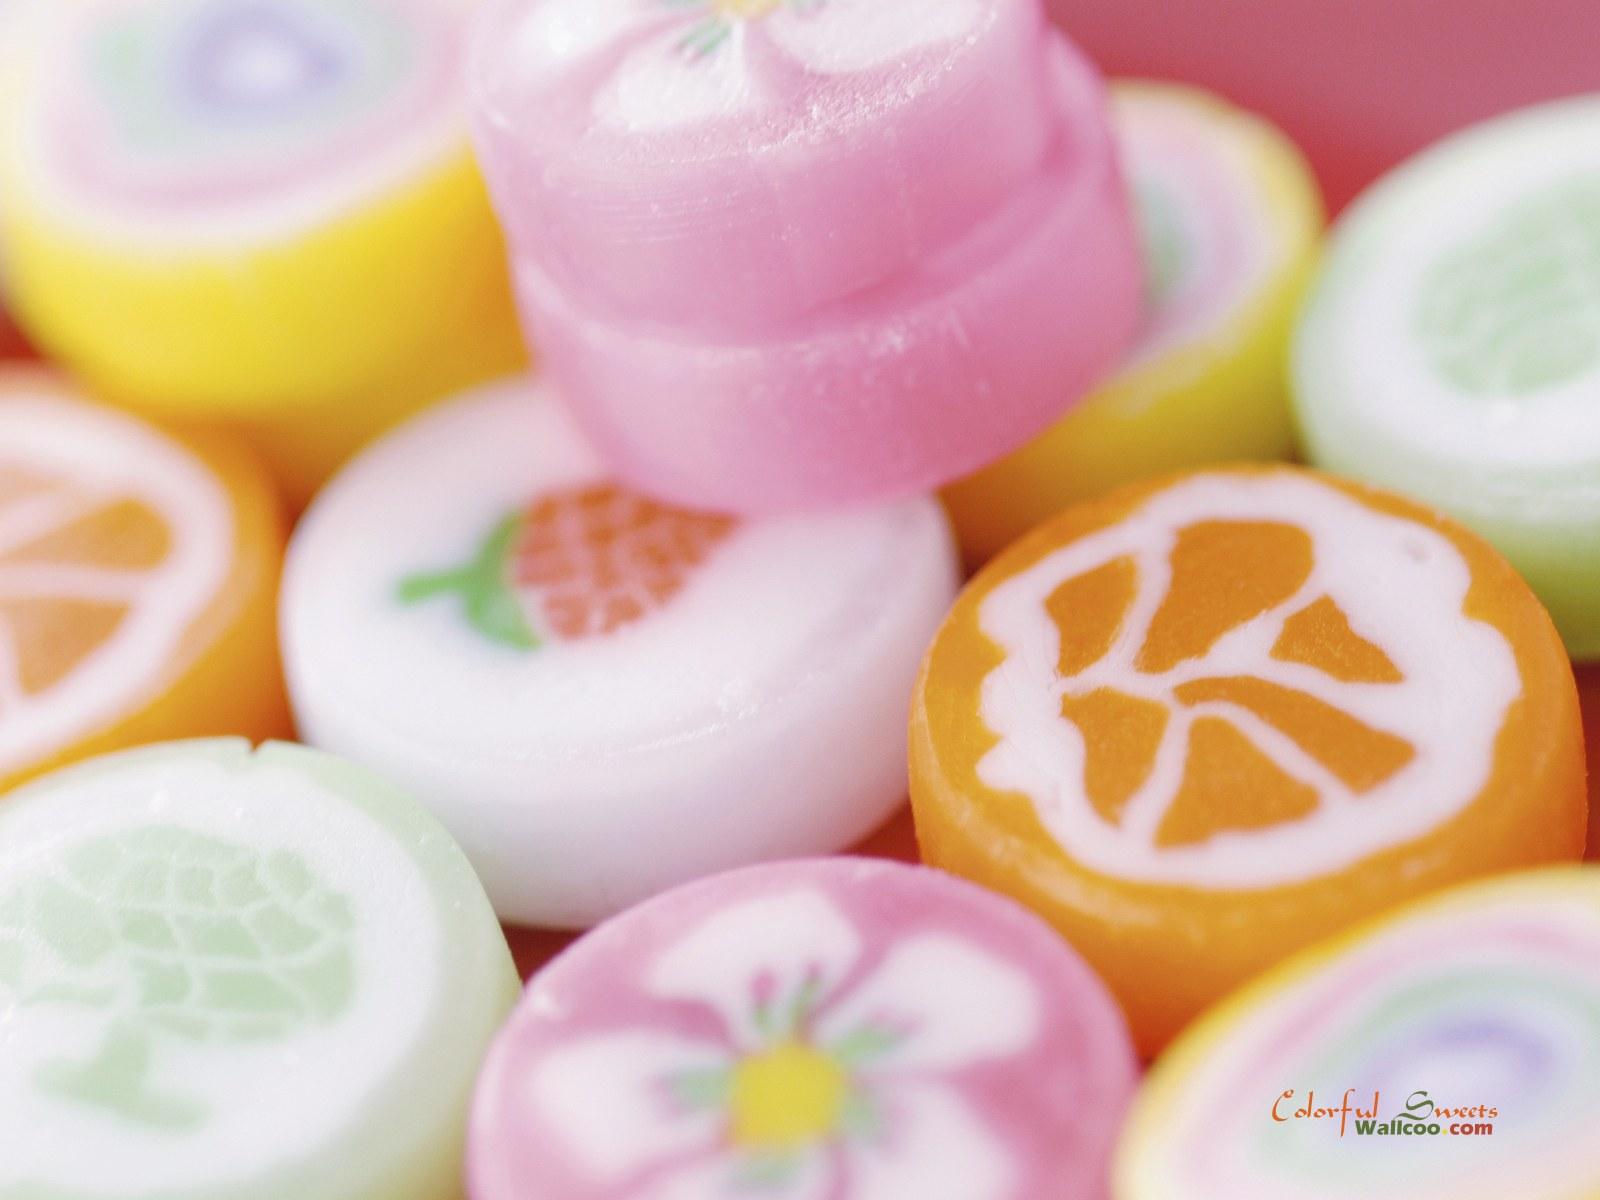 非常可爱的缤纷糖果高清背景图片素材4(25p)